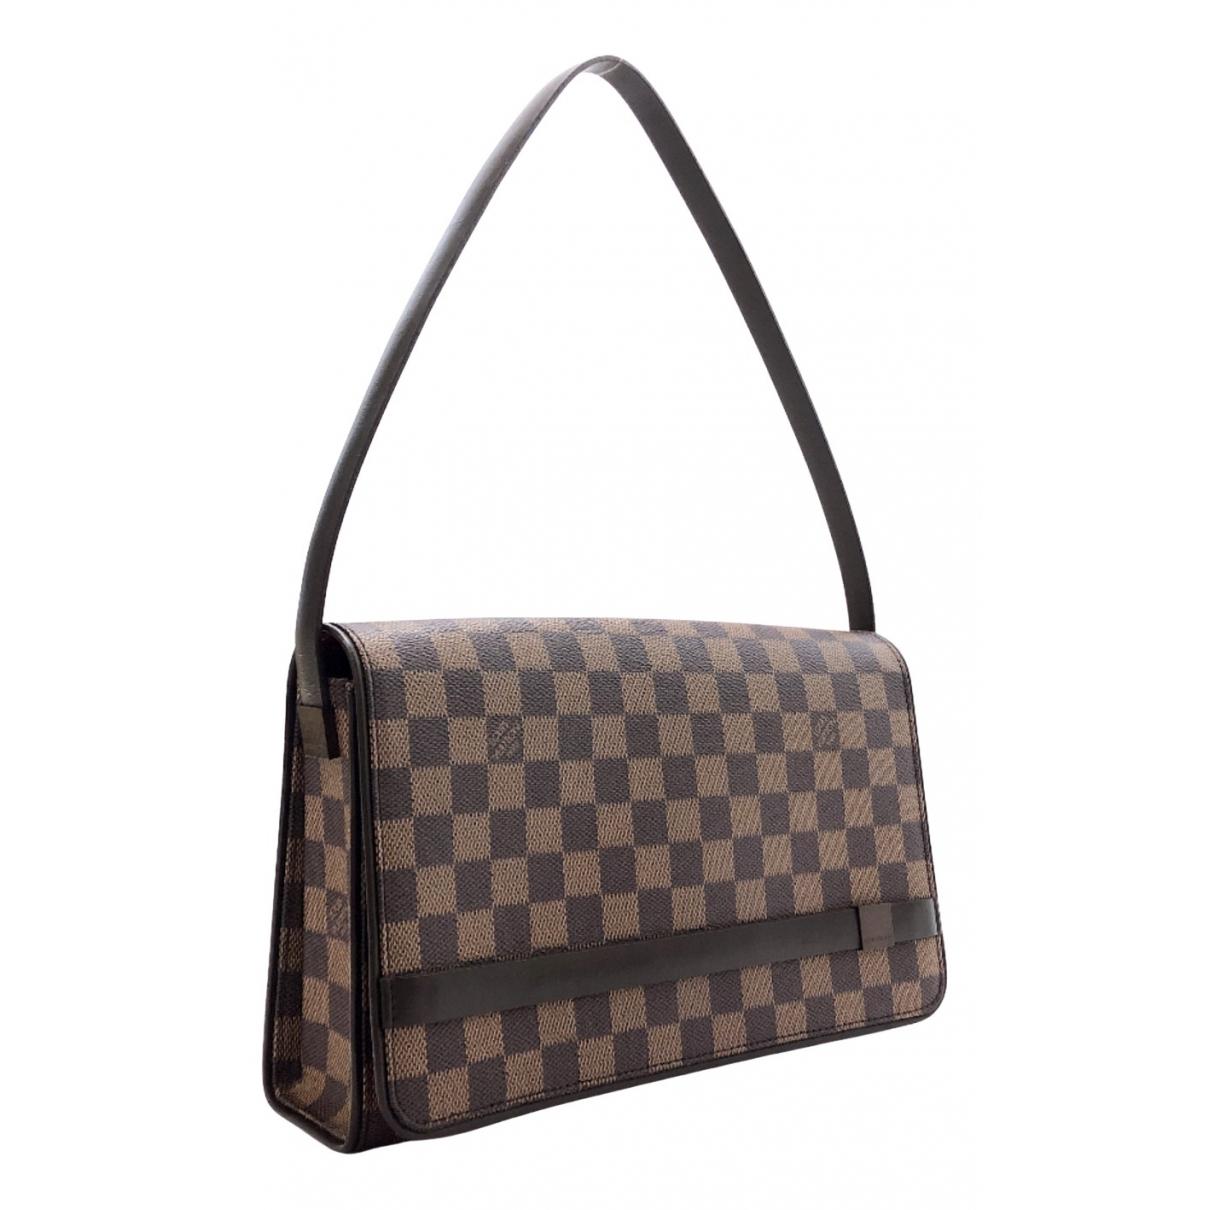 Bolso  Tribeca de Lona Louis Vuitton